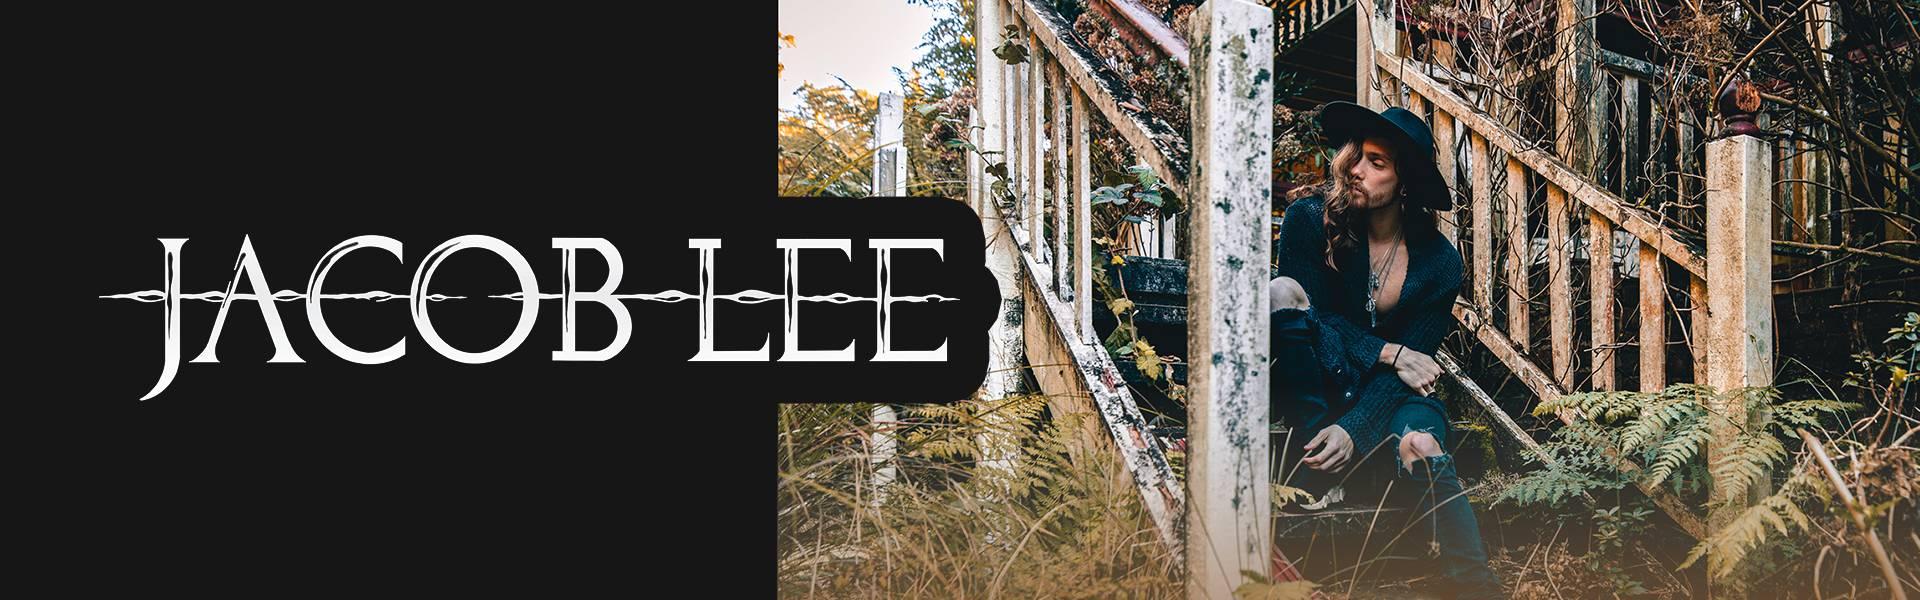 JACOB LEE prevendite biglietti per evento concerto del 11 ottobre 2021 al LEGEND Club Milano | Mailticket